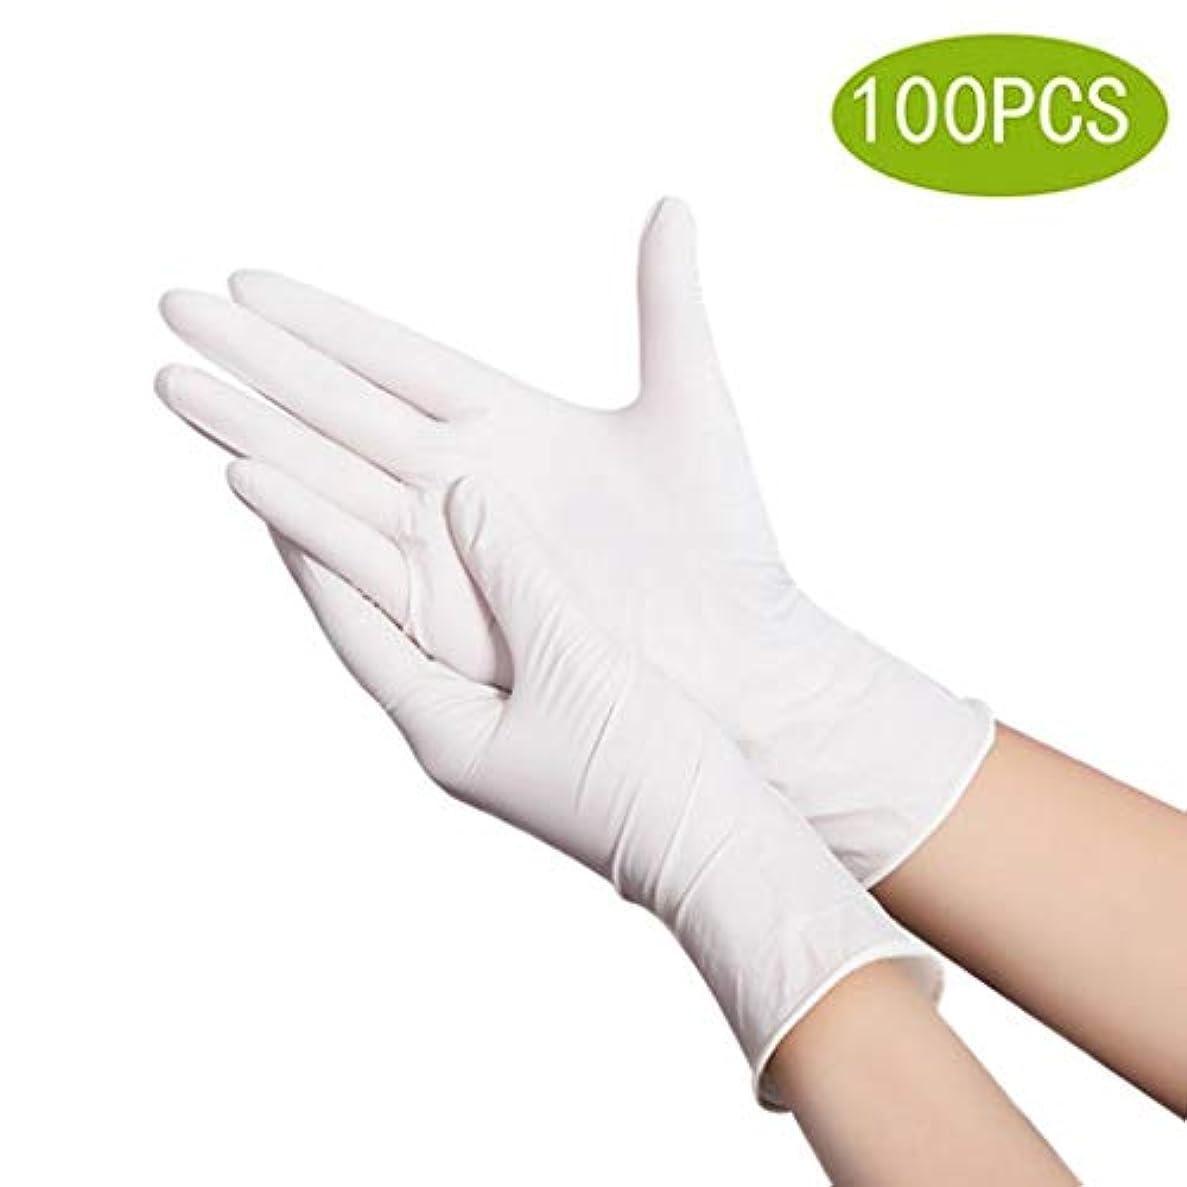 ゴミ箱申請者混乱したニトリル手袋4ミル厚ヘビーデューティー使い捨て手袋 - 工業用および家庭用 - パウダーフリー - ナチュラルホワイト(100カウント) (Size : S)